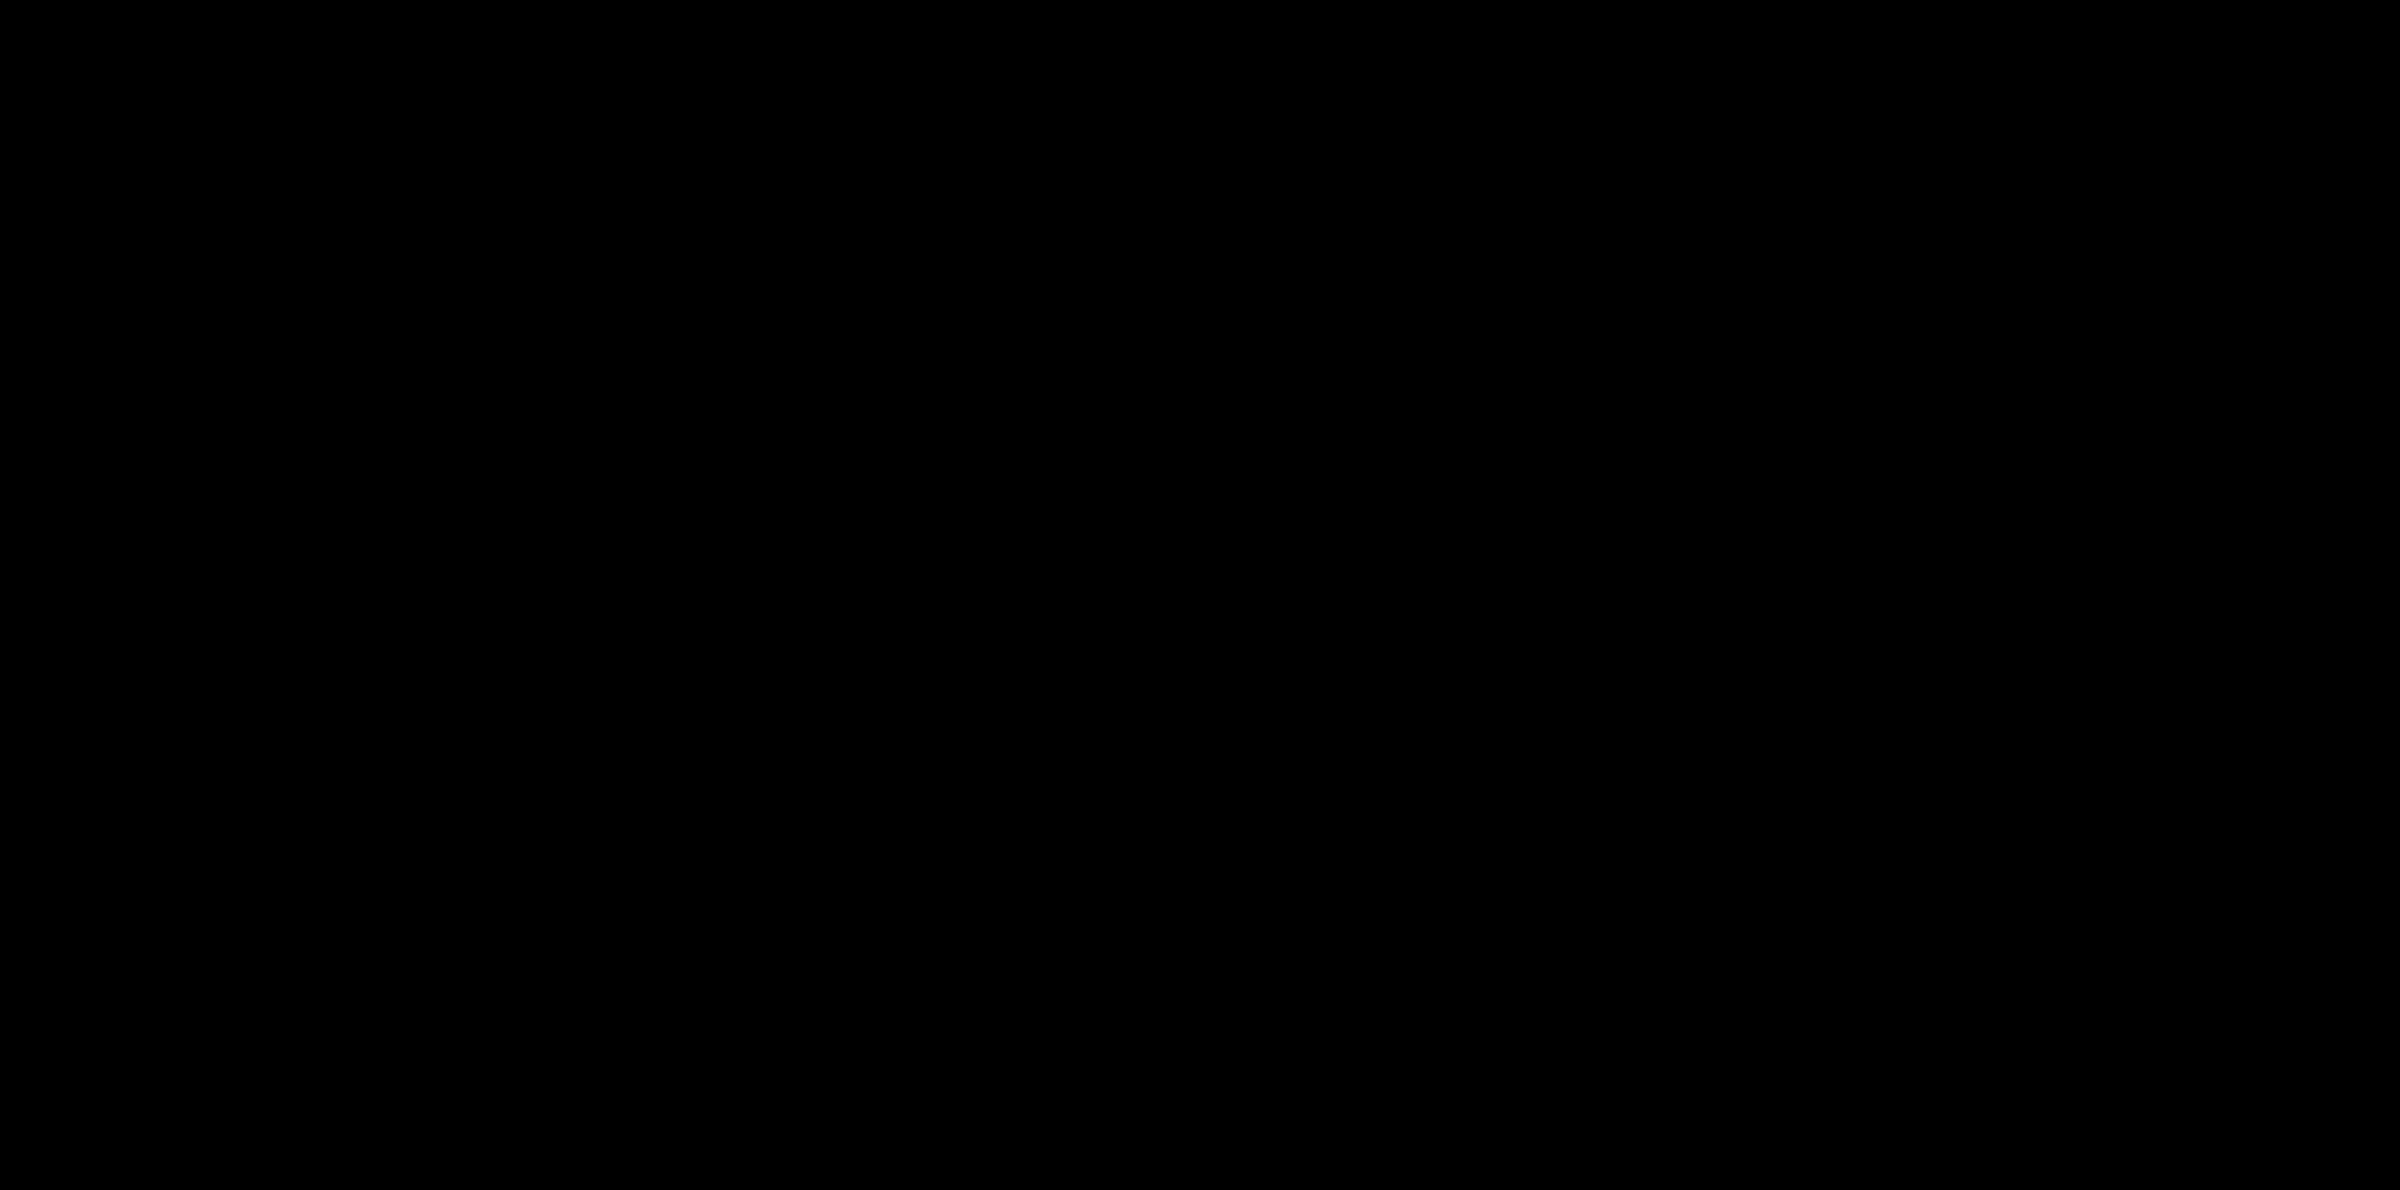 PNG Etiquette - 64199